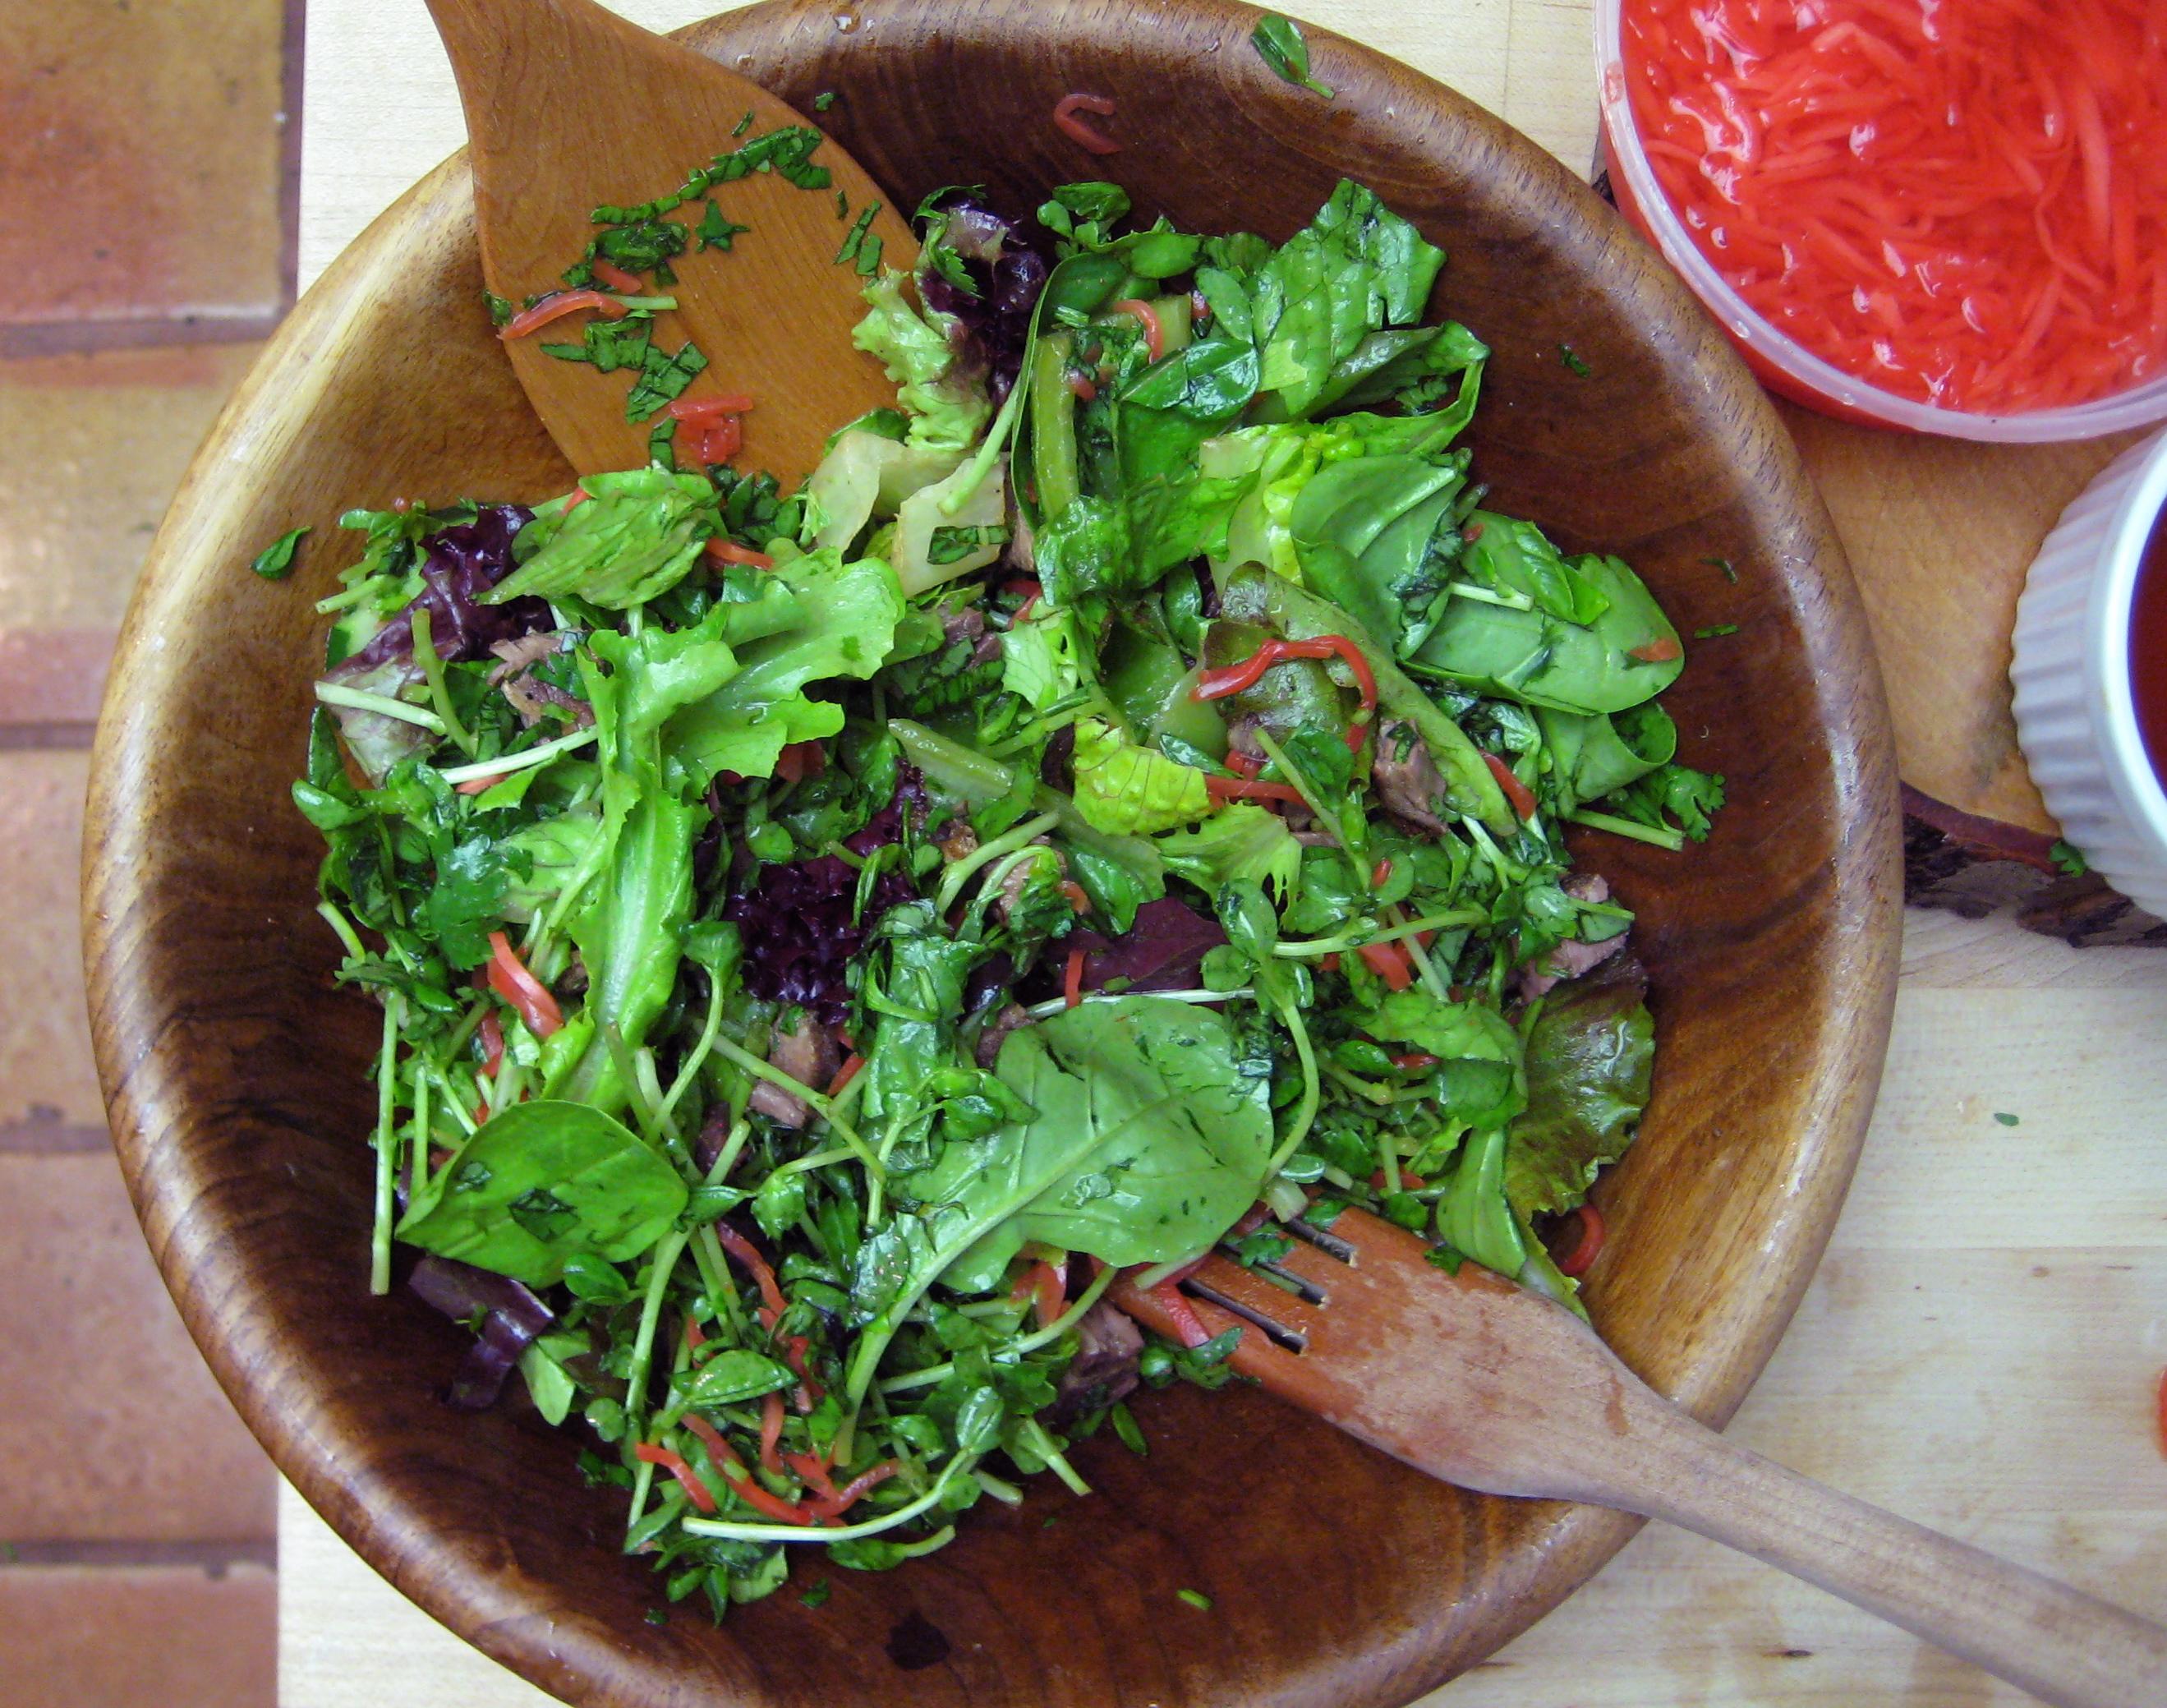 Leftover grilled steak salad with ponzu dressing